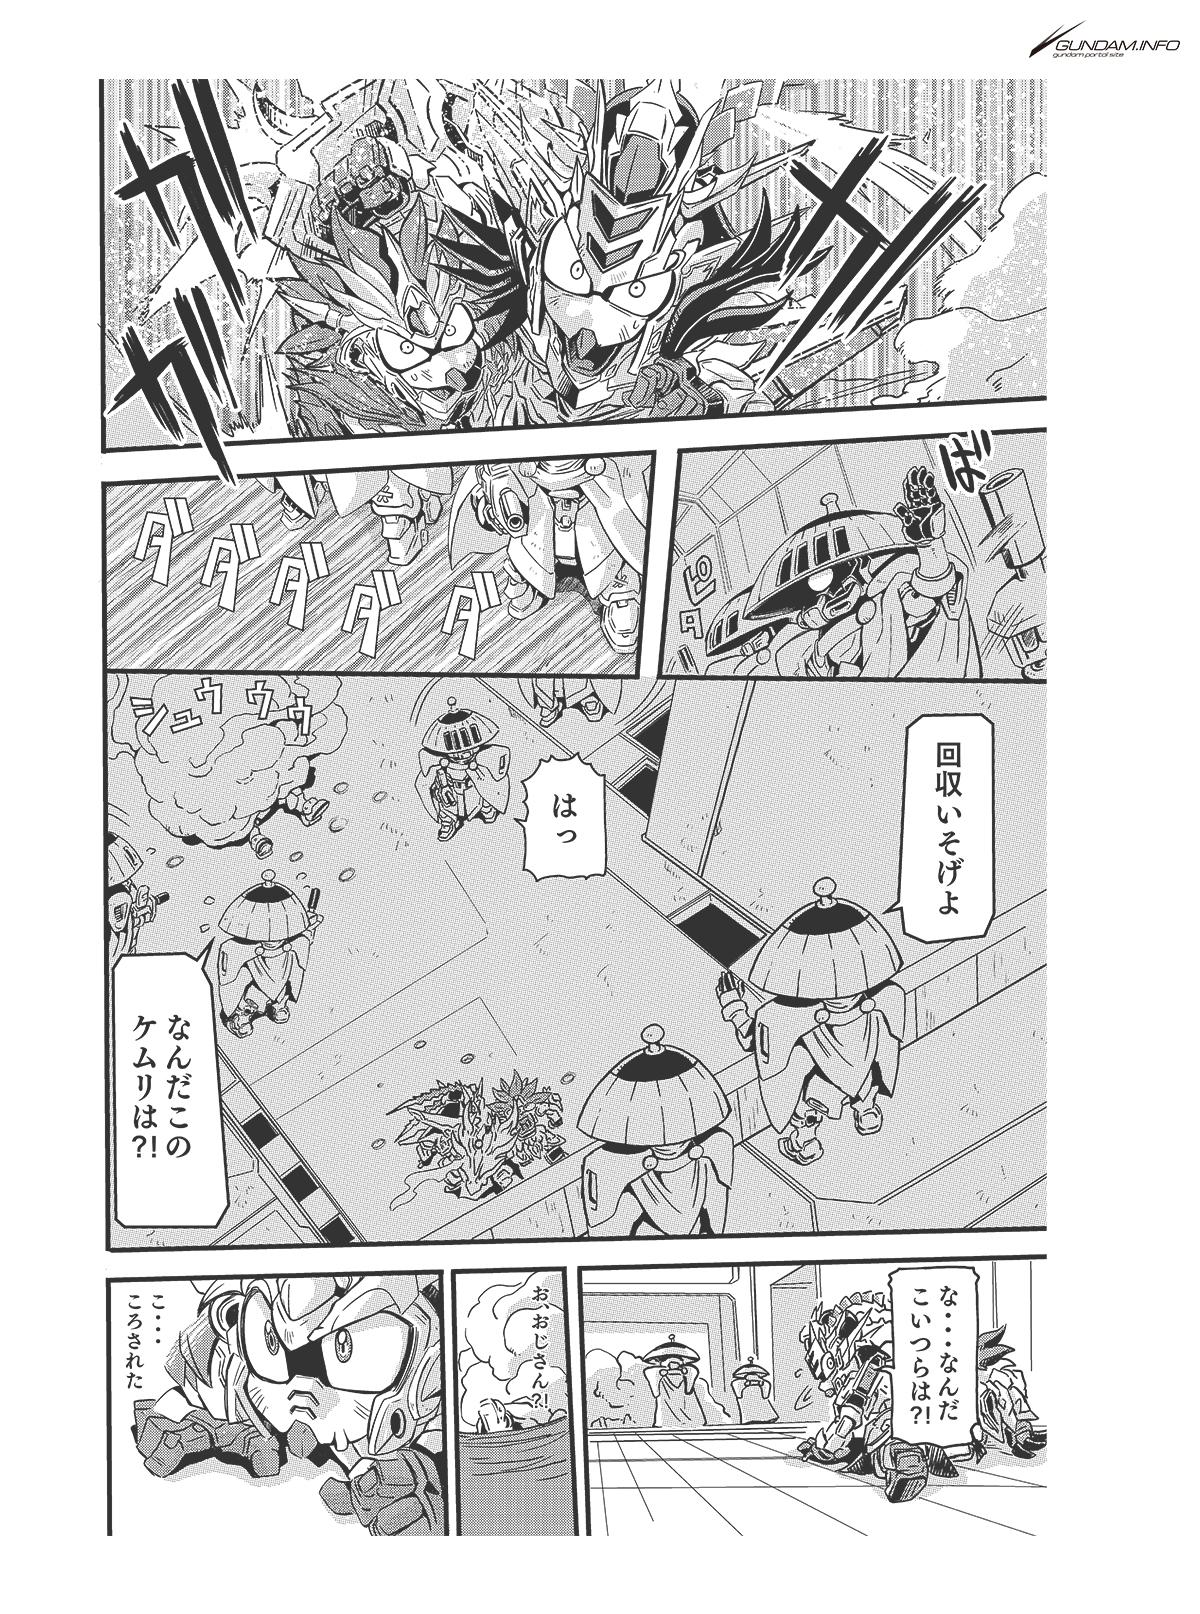 SDガンダムワールド 三国創傑伝 焔虎譚 第3話 P12